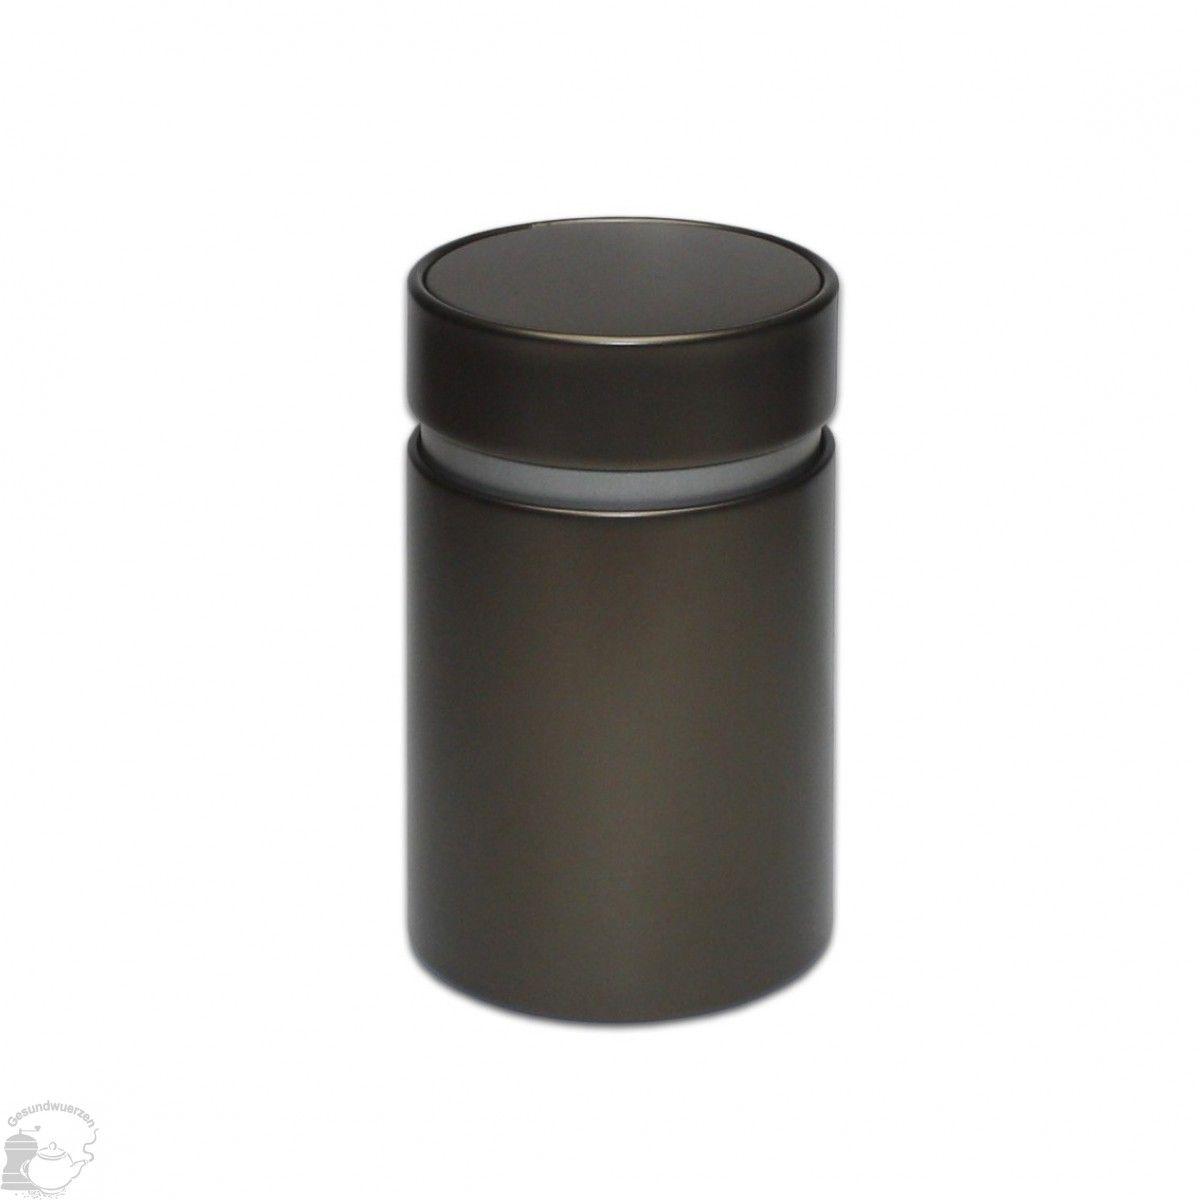 Schöne Vorratsdose mit Aromaschutzdeckel in braunen look Runde Dose, aus Weißblech, mit dem praktischen Innendeckel Der gut schließende Innendeckel sorgt dafür, dass der Inhalt gut verschlossen ist...